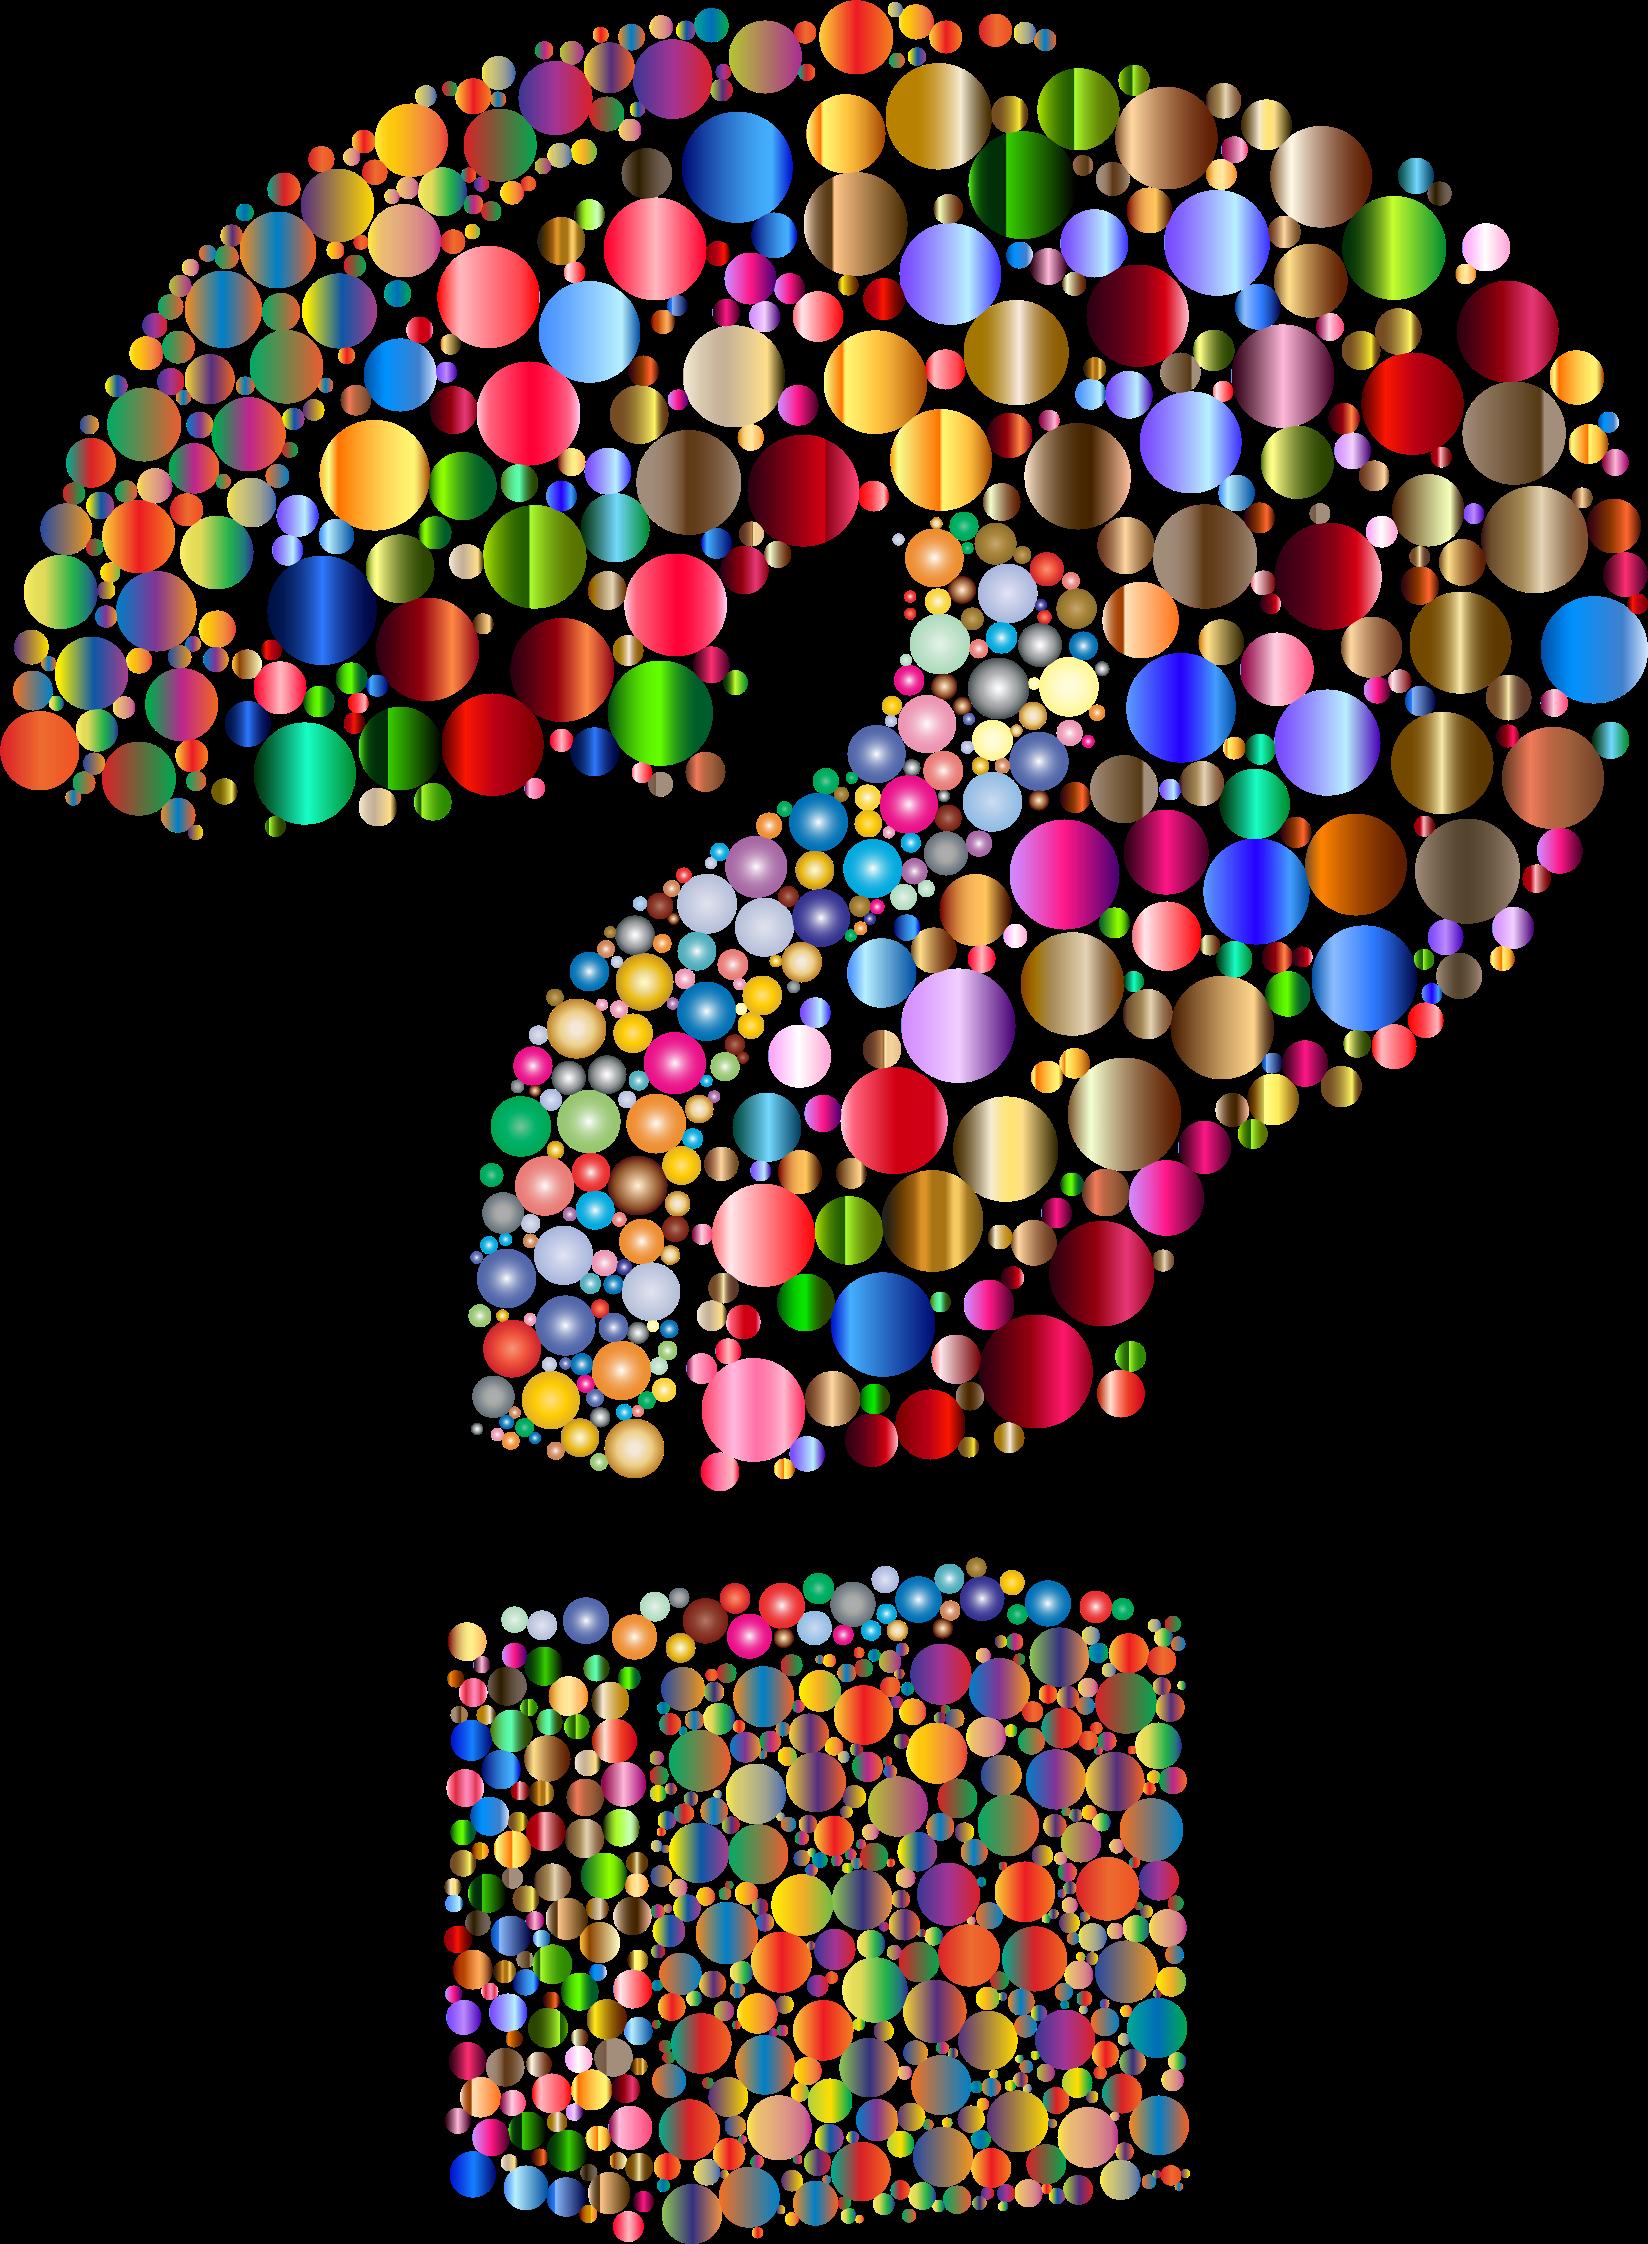 Brain clipart question. Circlular d mark big